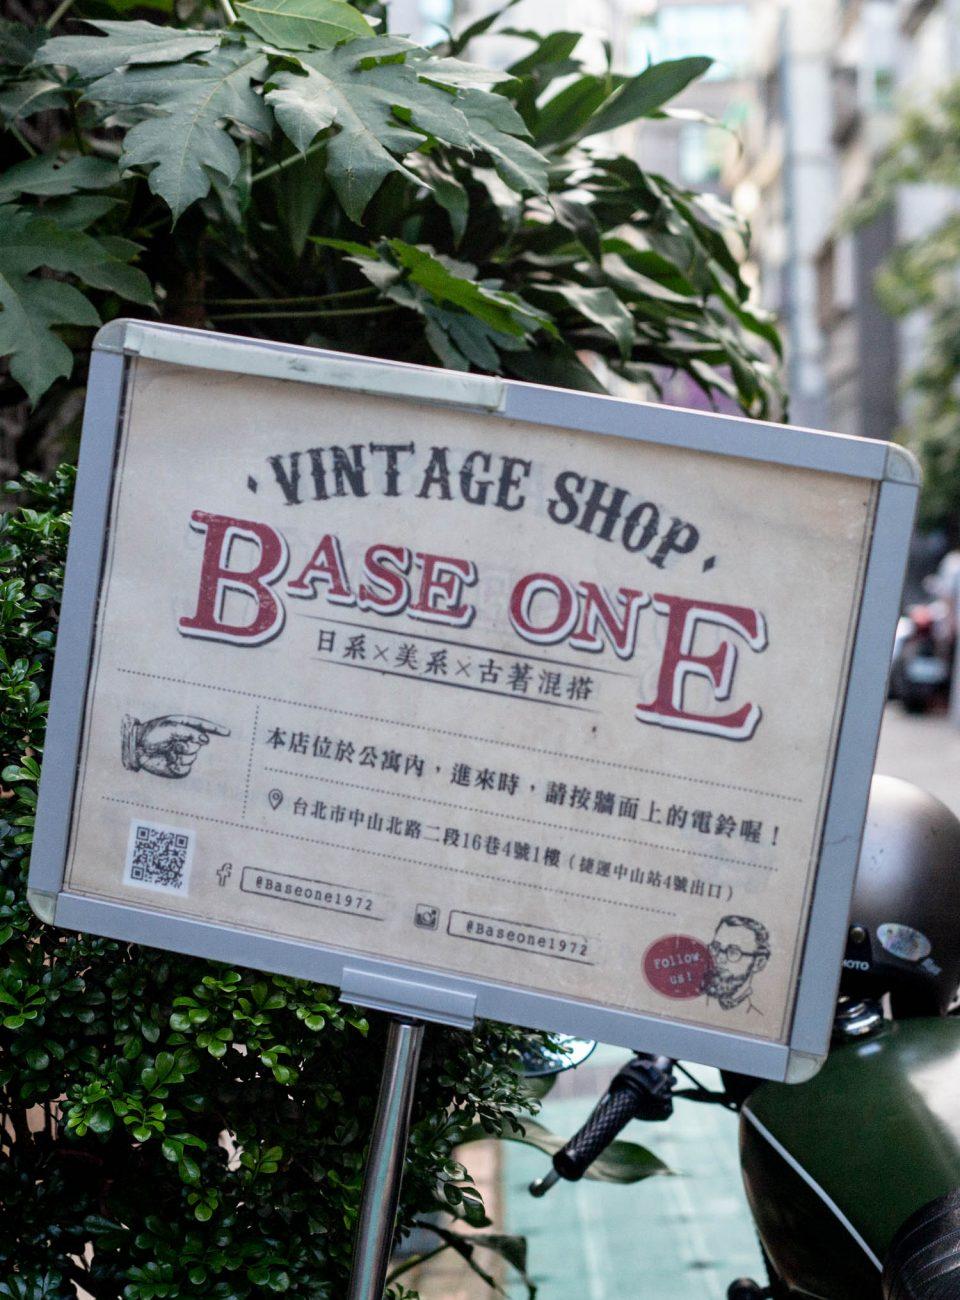 vintage-shop-taipei-baseone-1009105